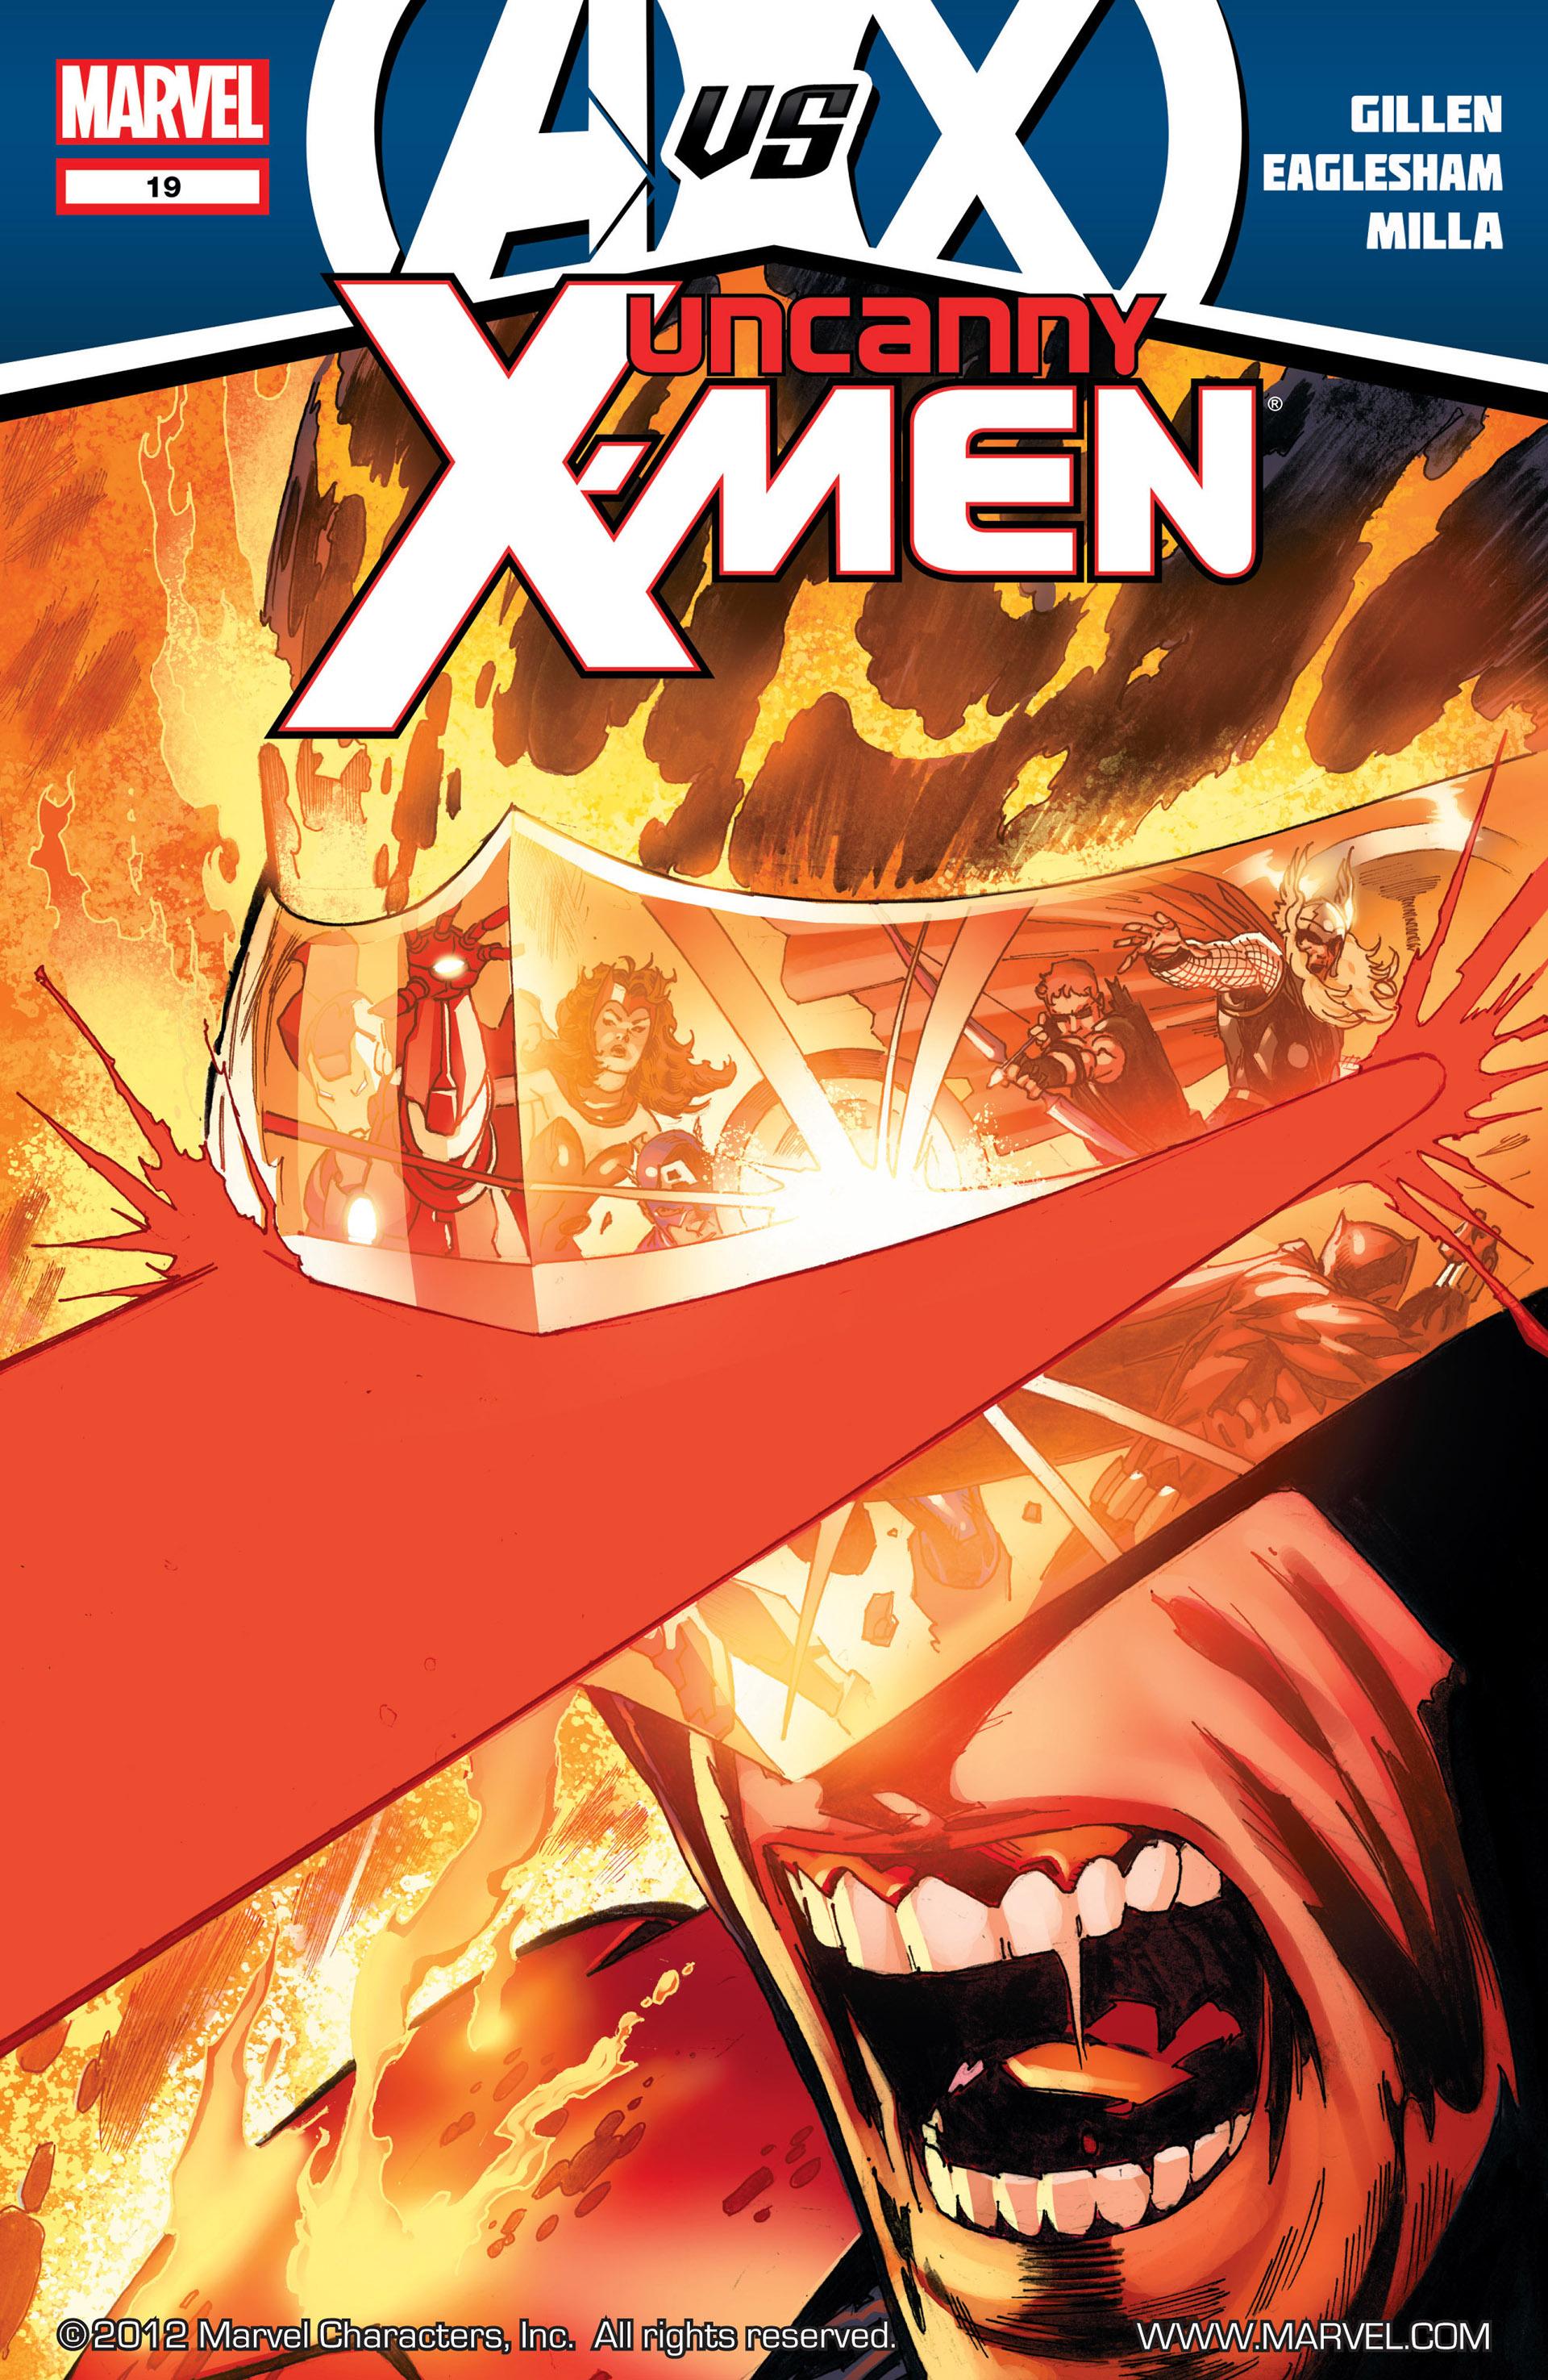 Uncanny X-Men (2012) 19 Page 1